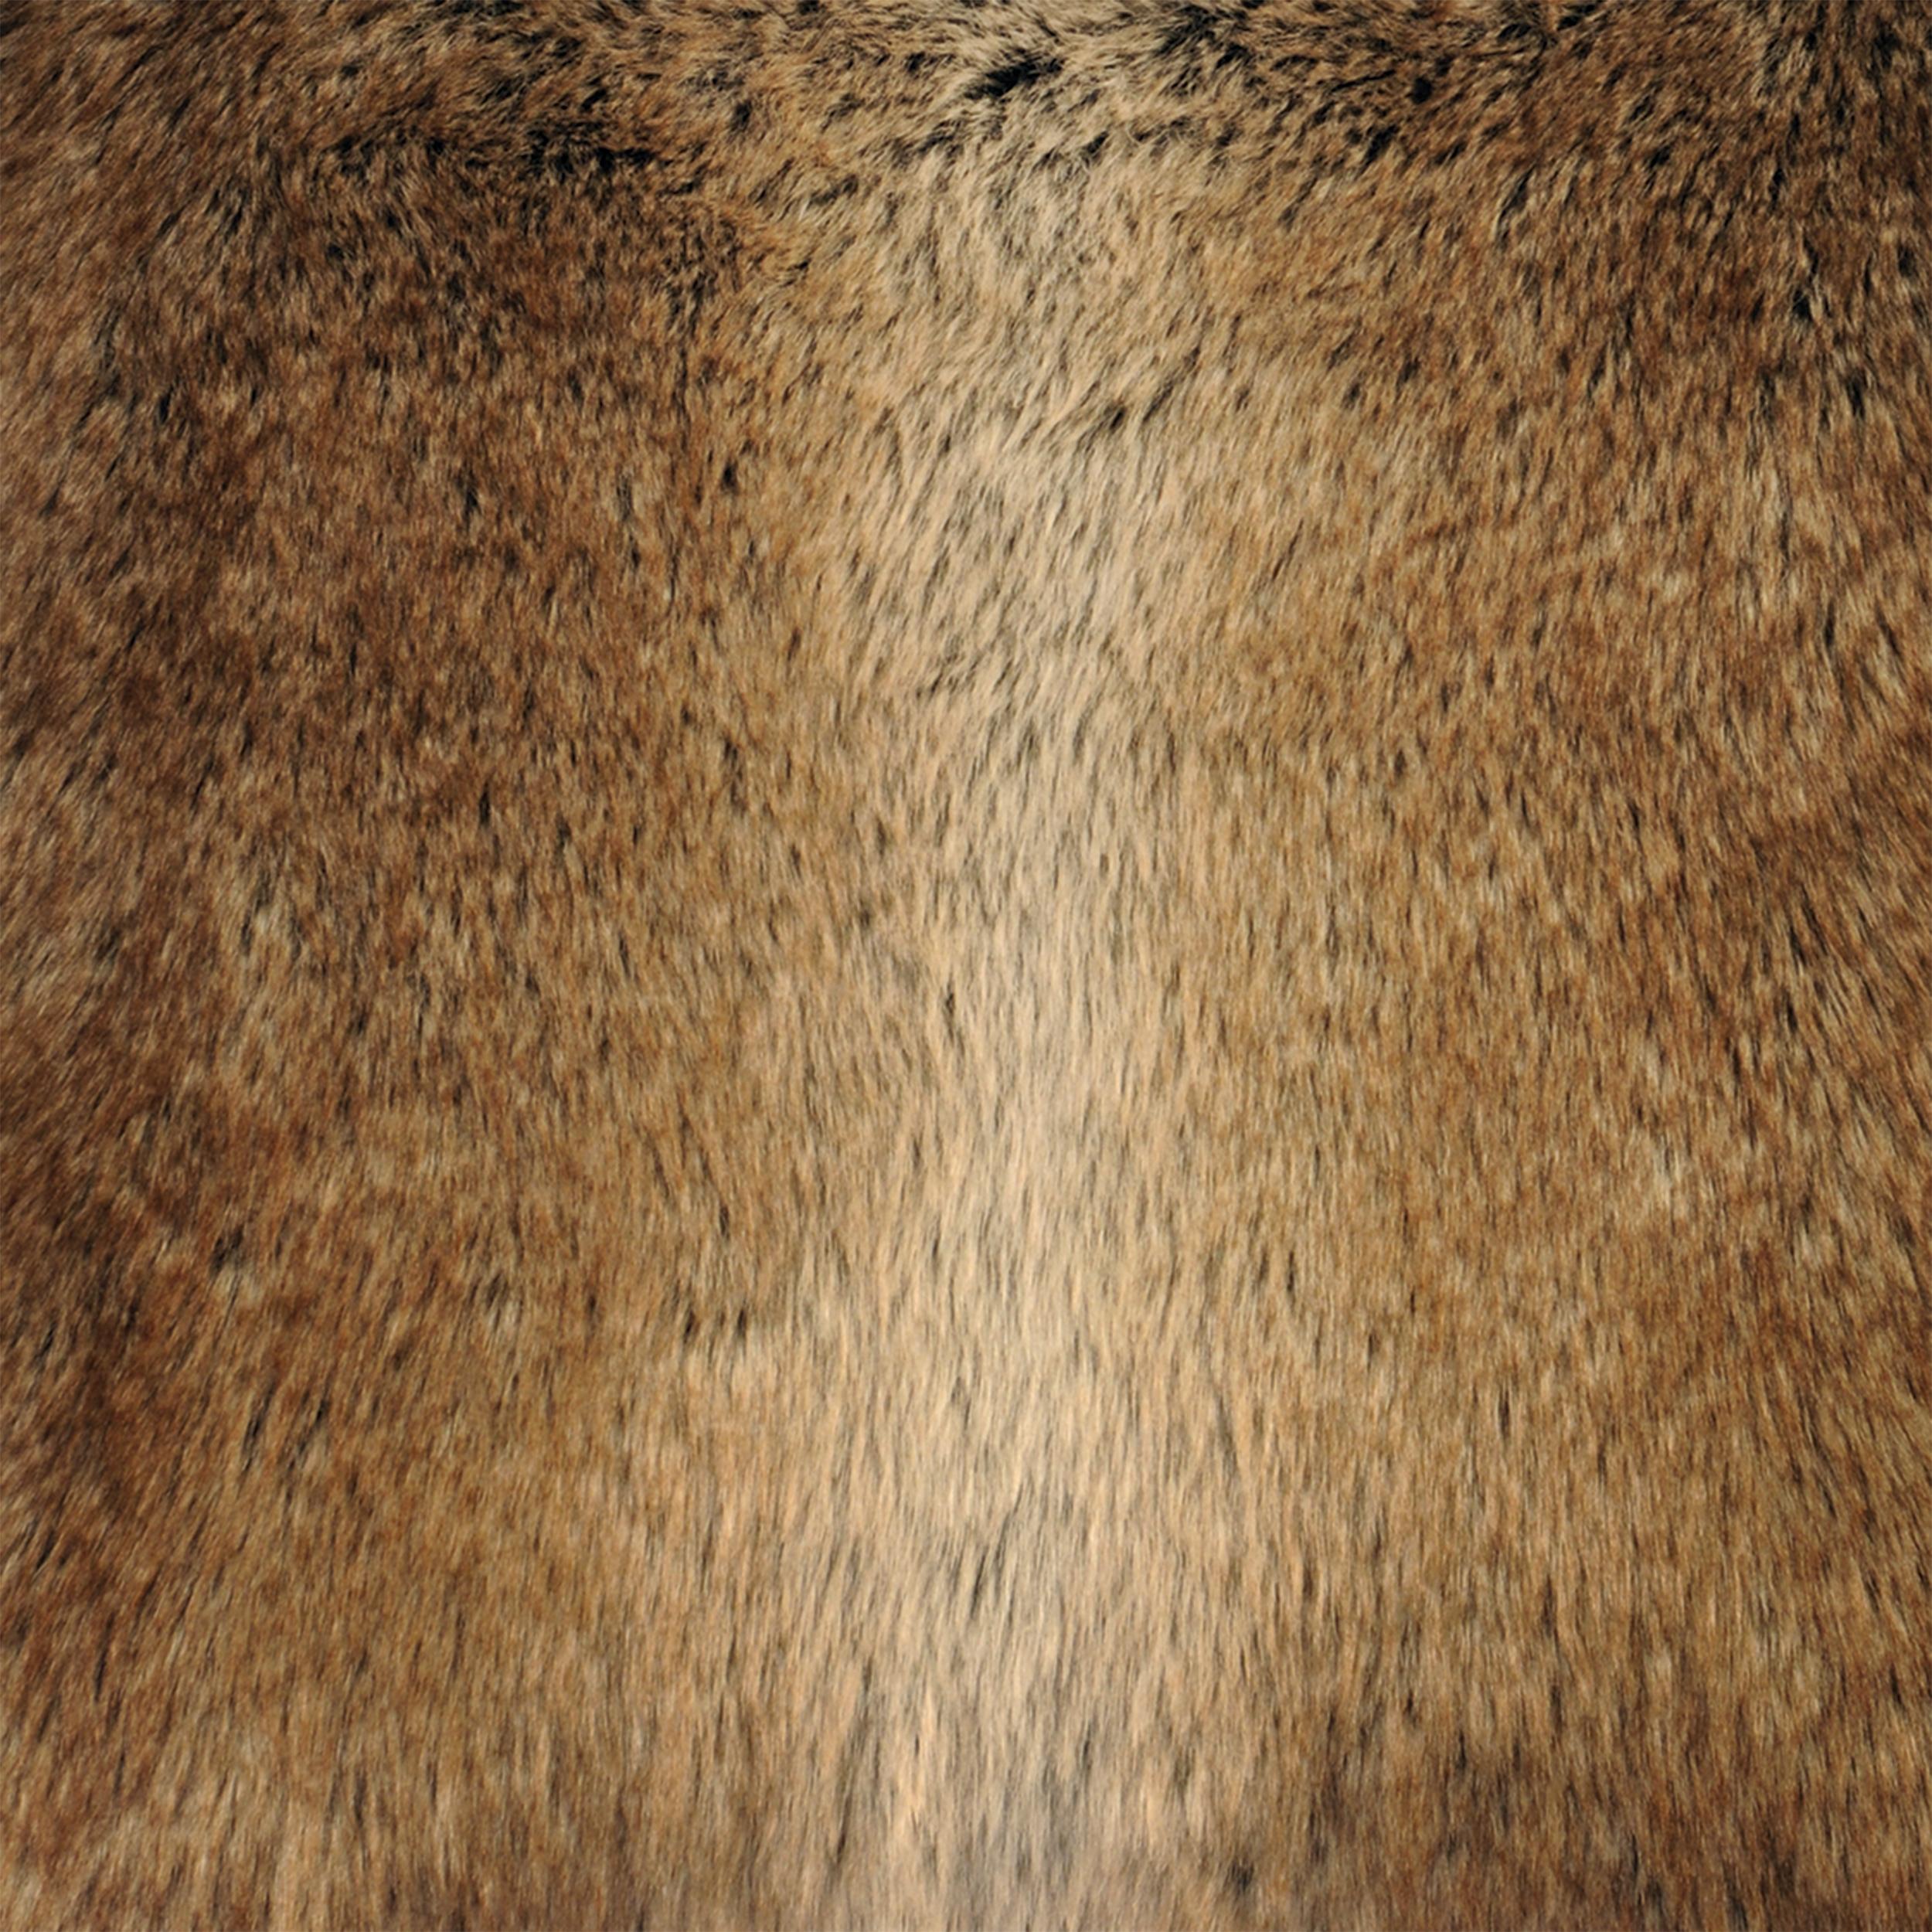 Chinchilla Faux Fur